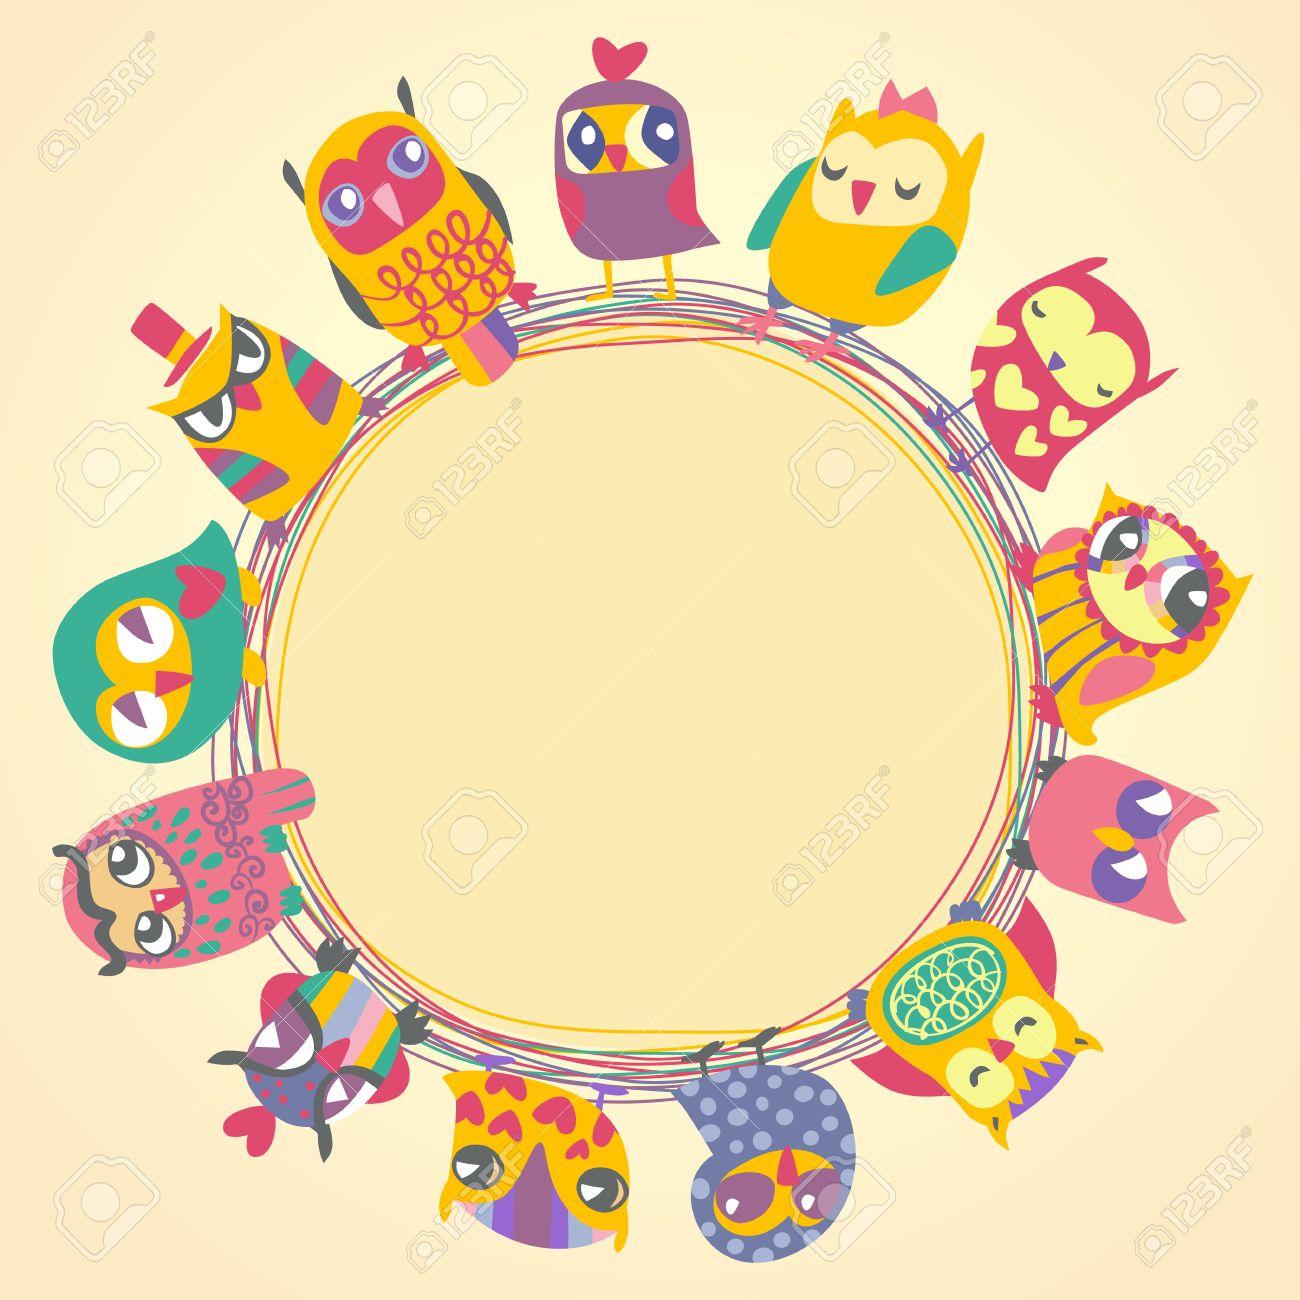 Childrens Hintergrund Mit Bunten Cartoon-Eulen Für Nette Karte ...